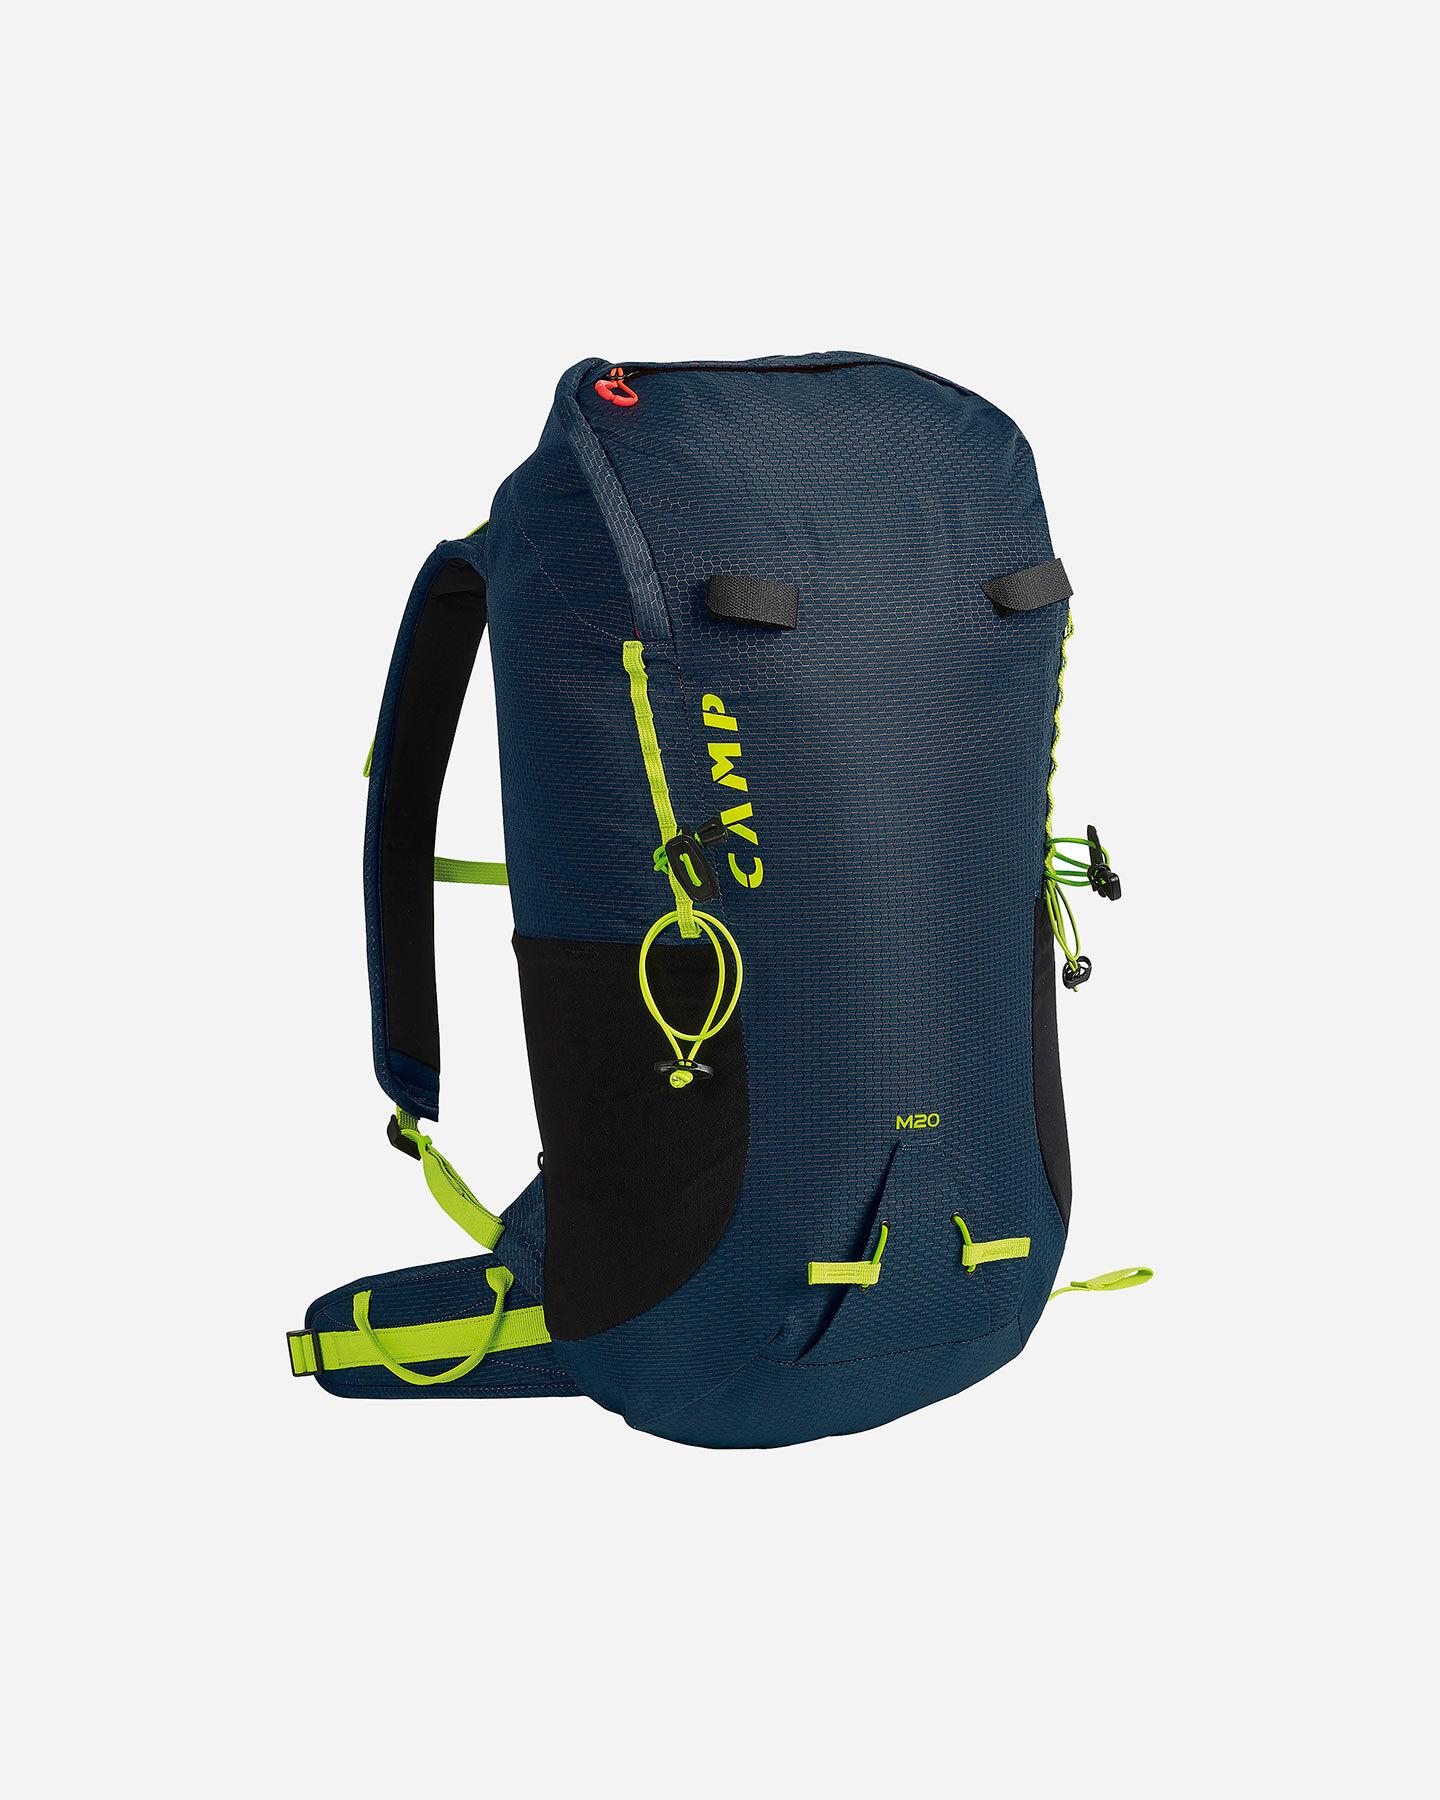 Zaino alpinismo CAMP ZAINO CAMP M20 20L 2918 S4081630|UNI|UNI scatto 0